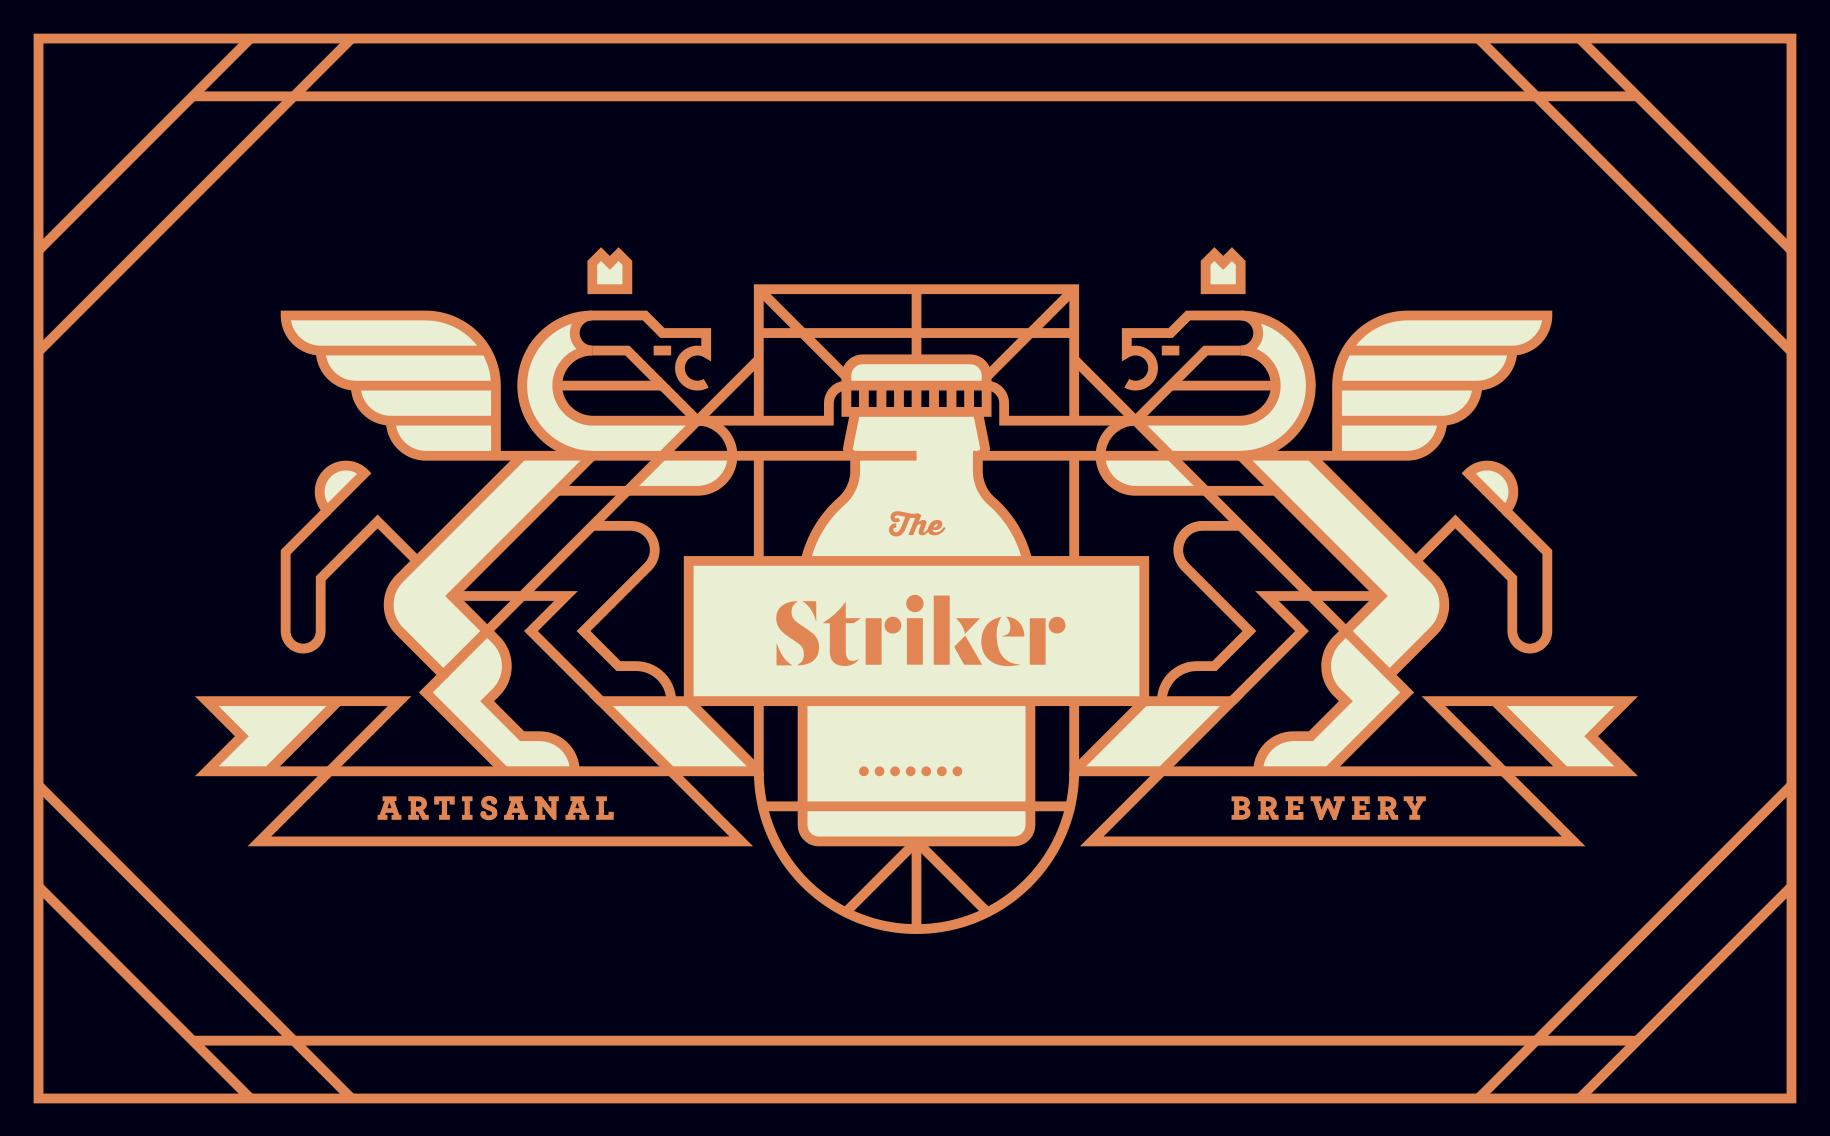 design branding of beer label